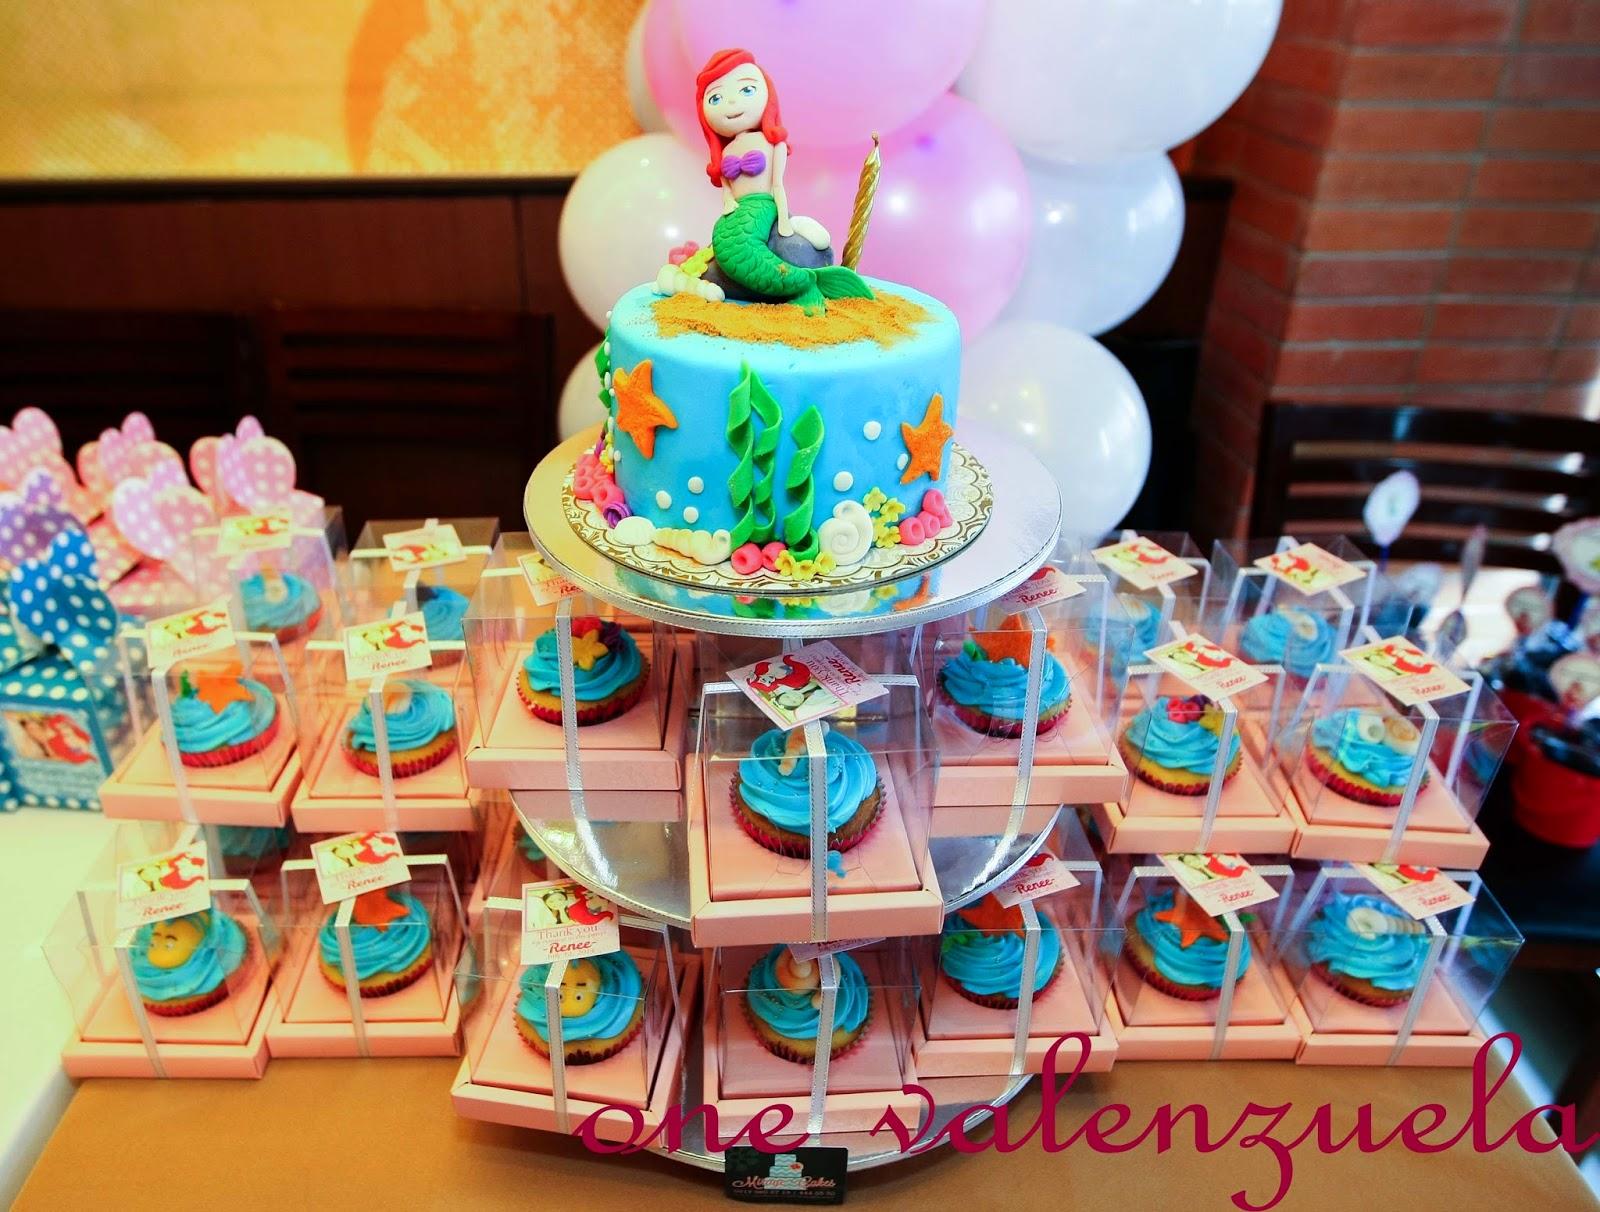 Bakers Fair Birthday Cakes